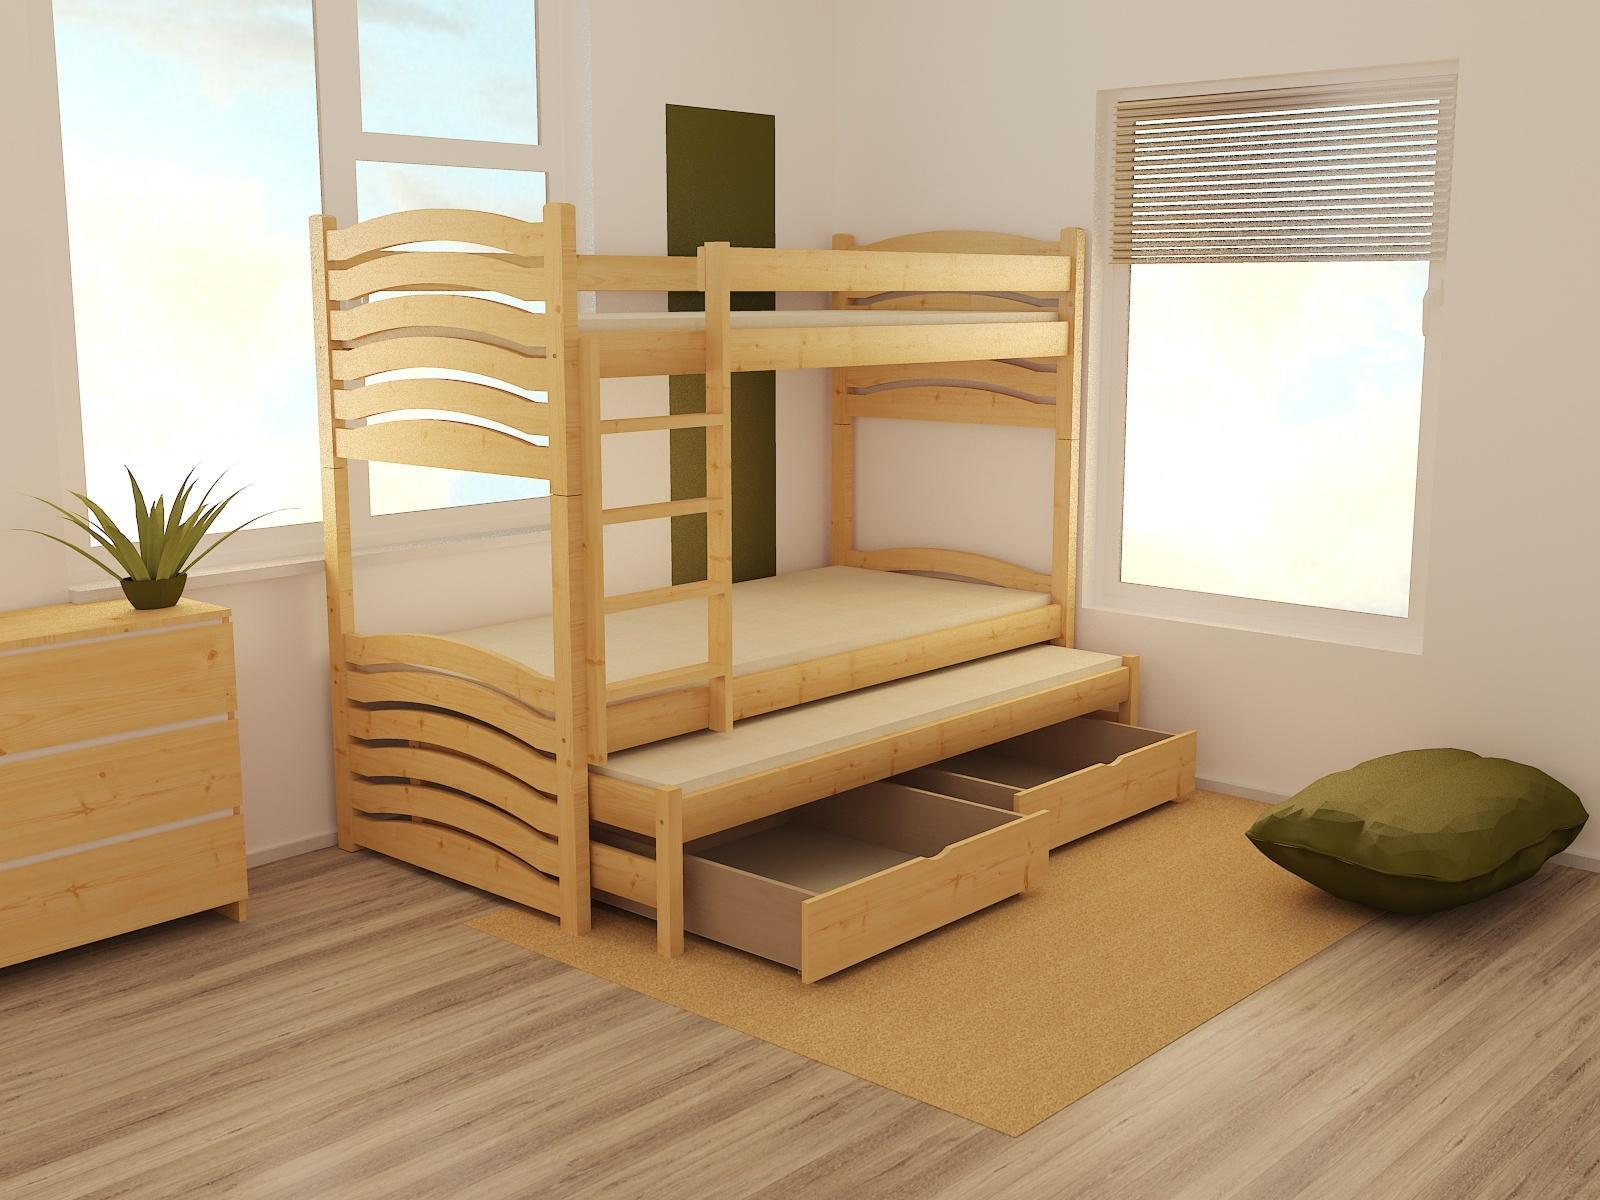 MAXMAX Detská poschodová posteľ s prístelkou z MASÍVU 200x90cm so zásuvkou - PPV021